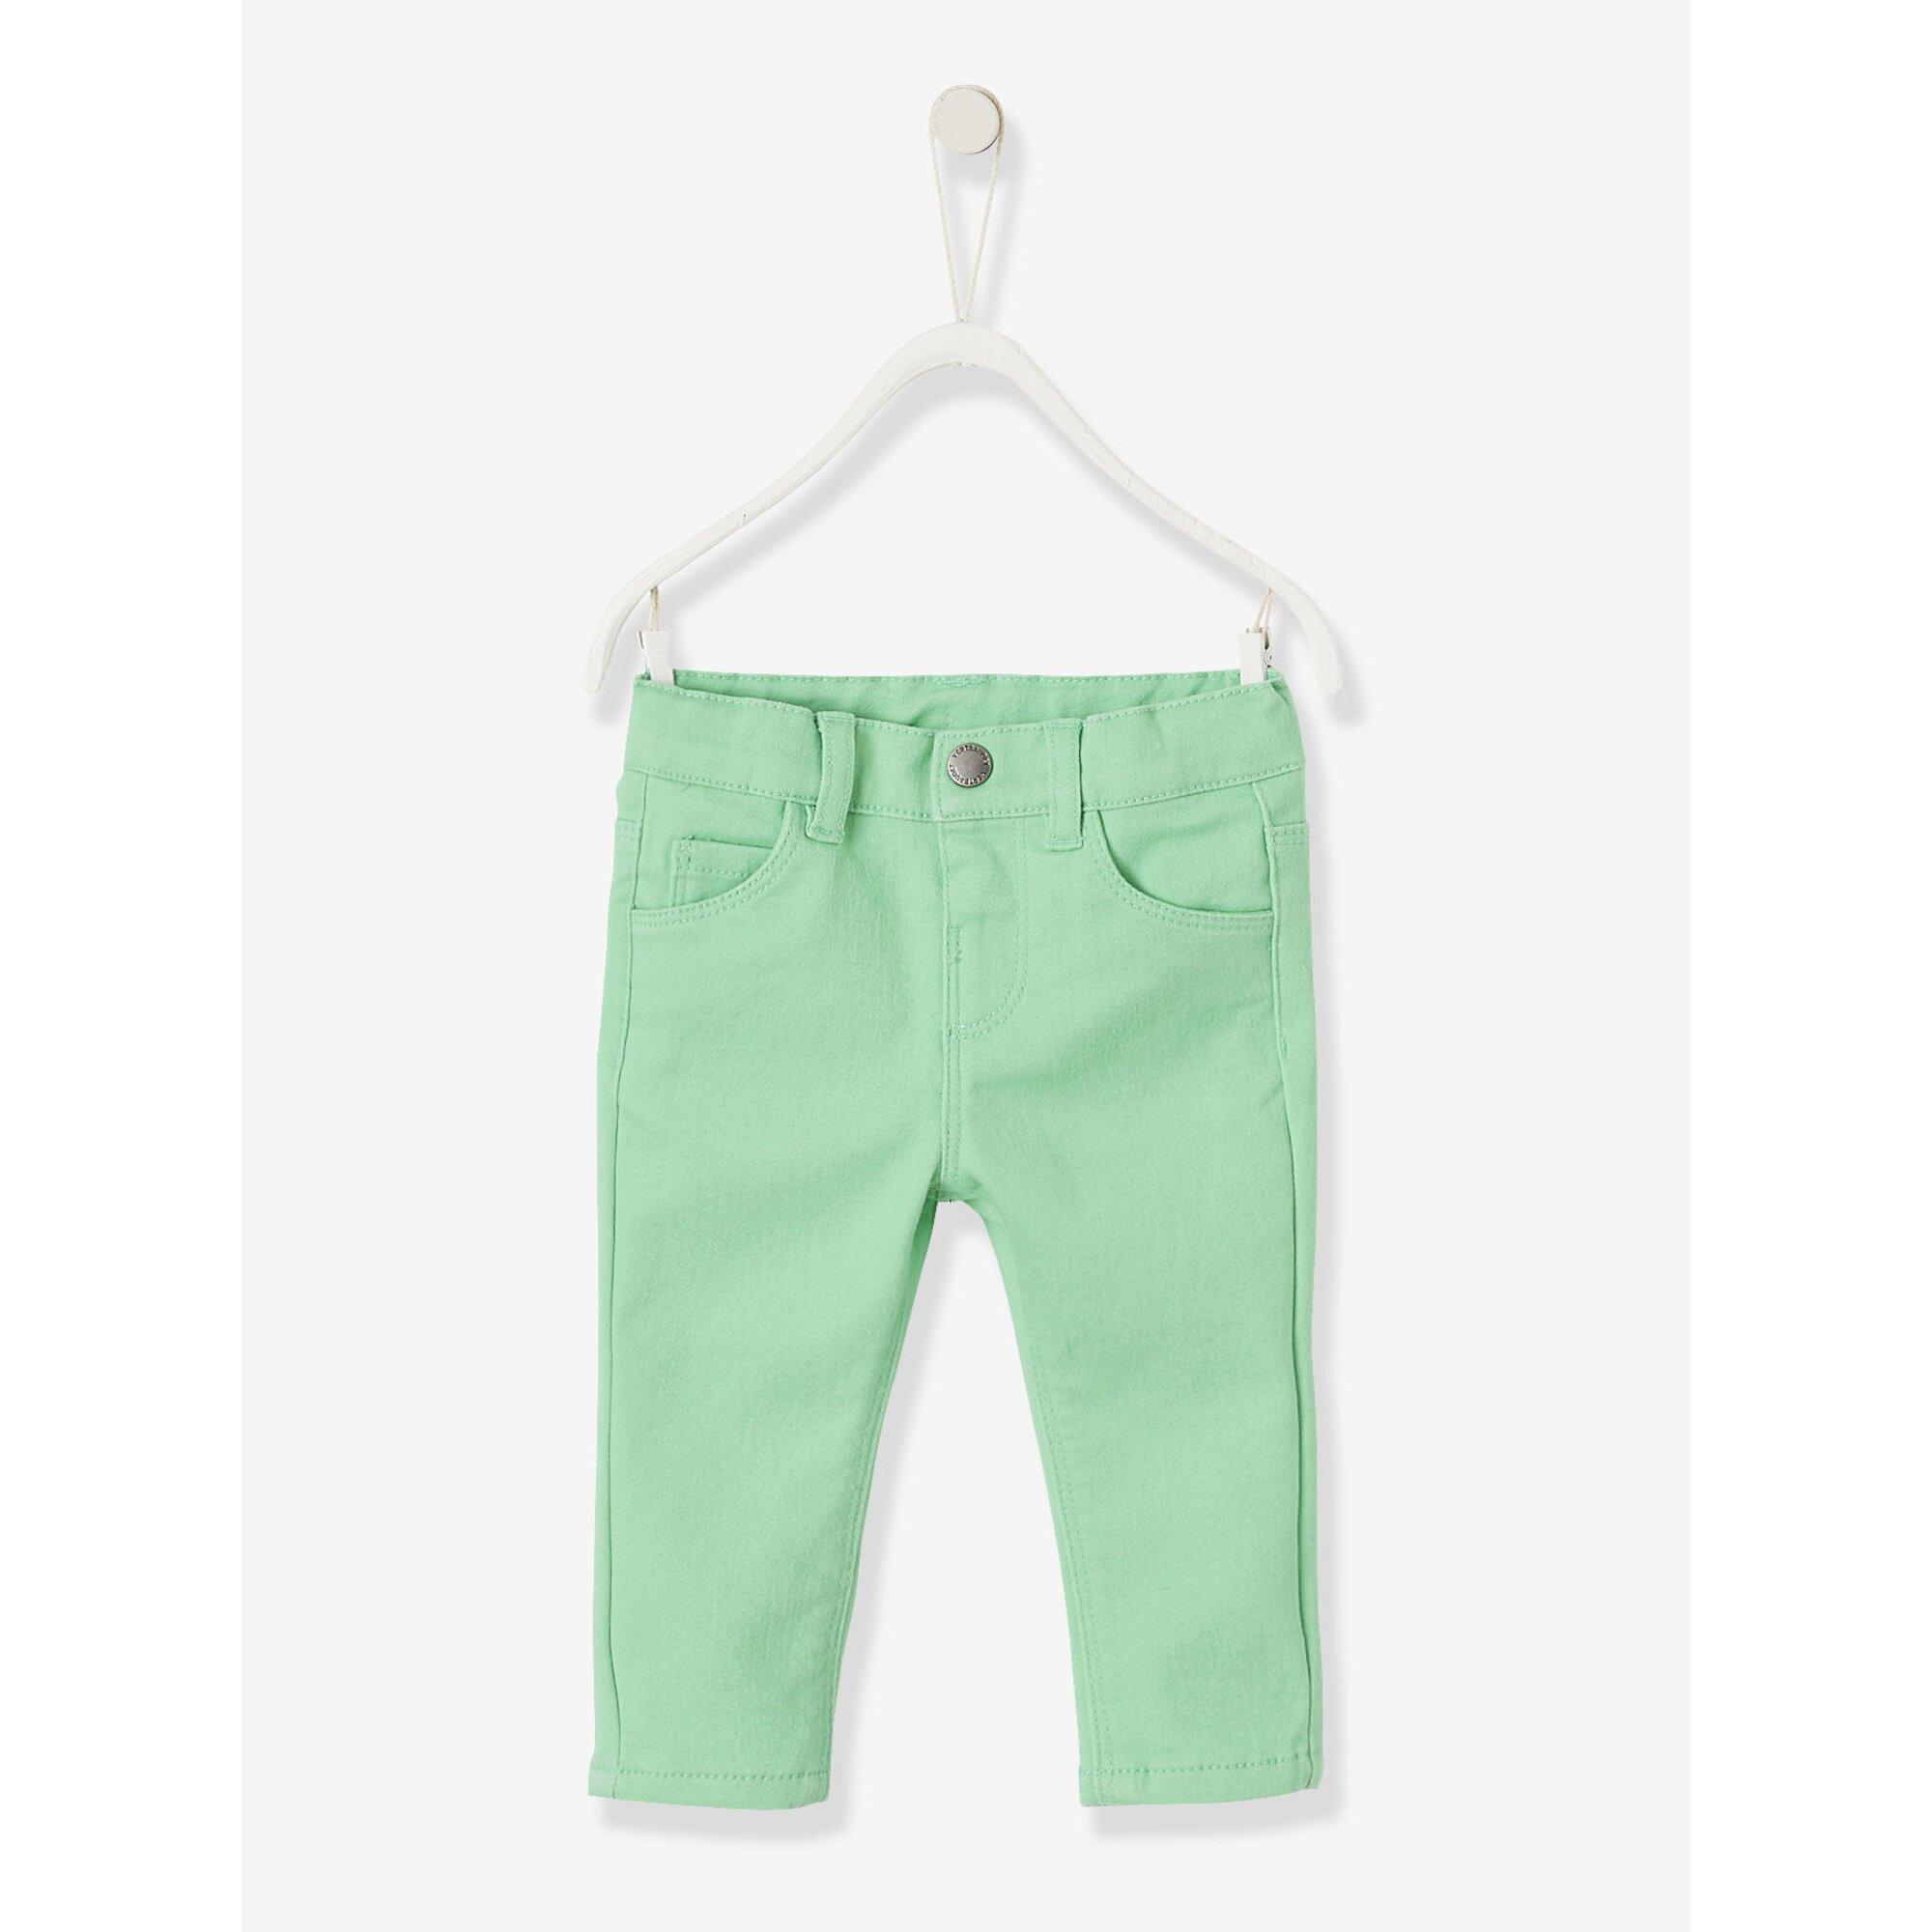 Vertbaudet Slim-Fit-Jeans für Baby Mädchen, Stretch